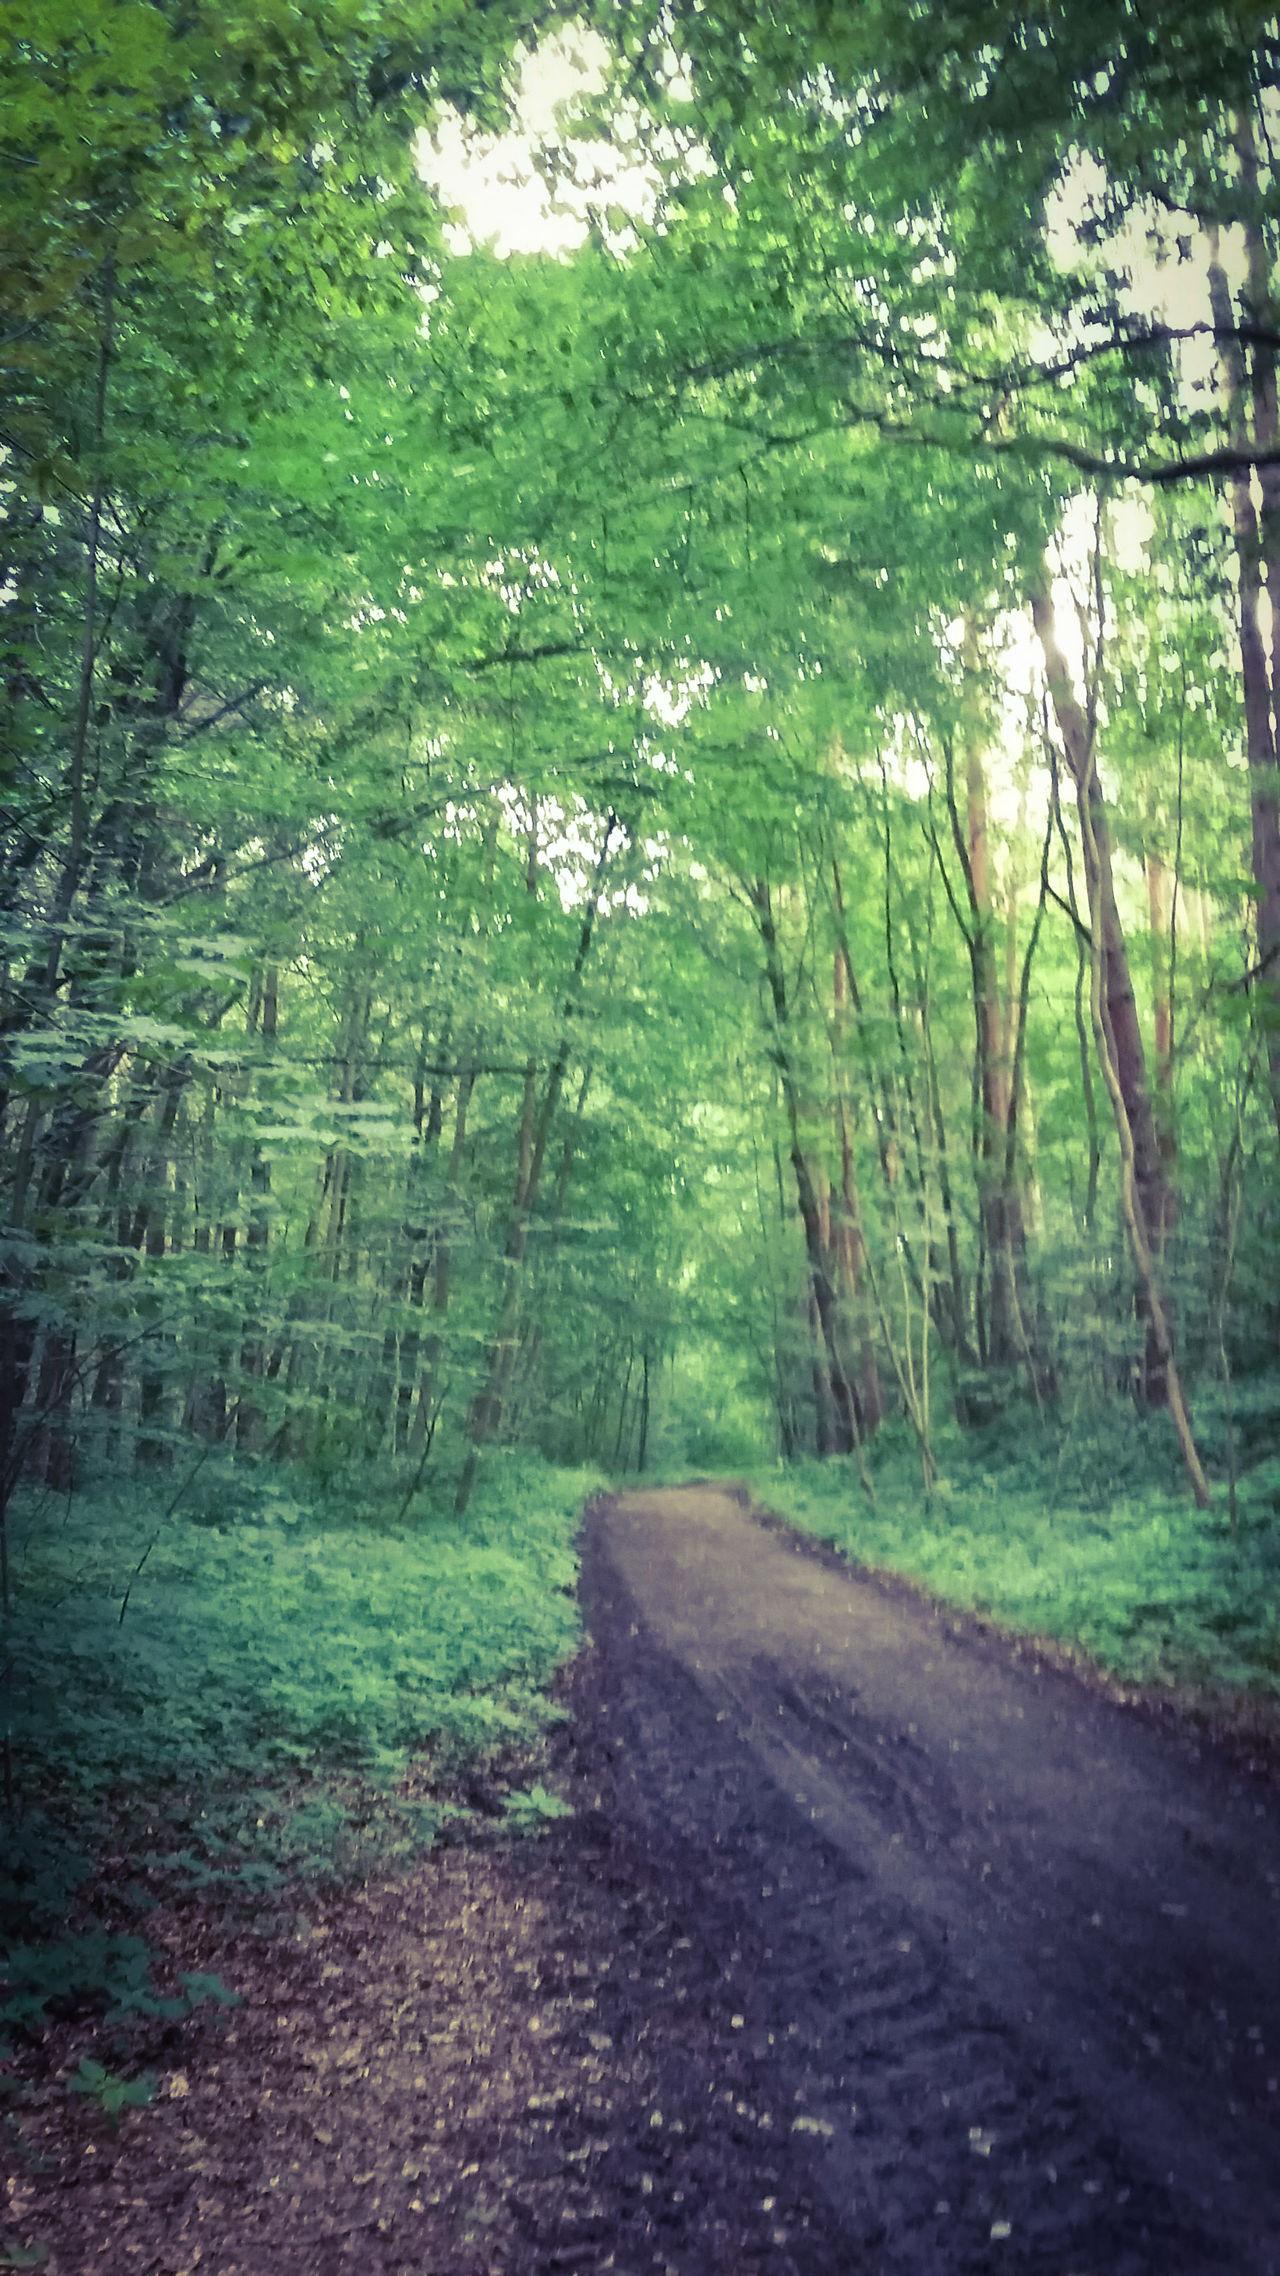 Sommer Pflanzenwelt Naturelovers Frankfurt Am Main Naturpur Waldspaziergang Frankfurter Stadtwald Nurianer Mystisch Verwunschene Pfade Www.trojan-prophezeiung.de